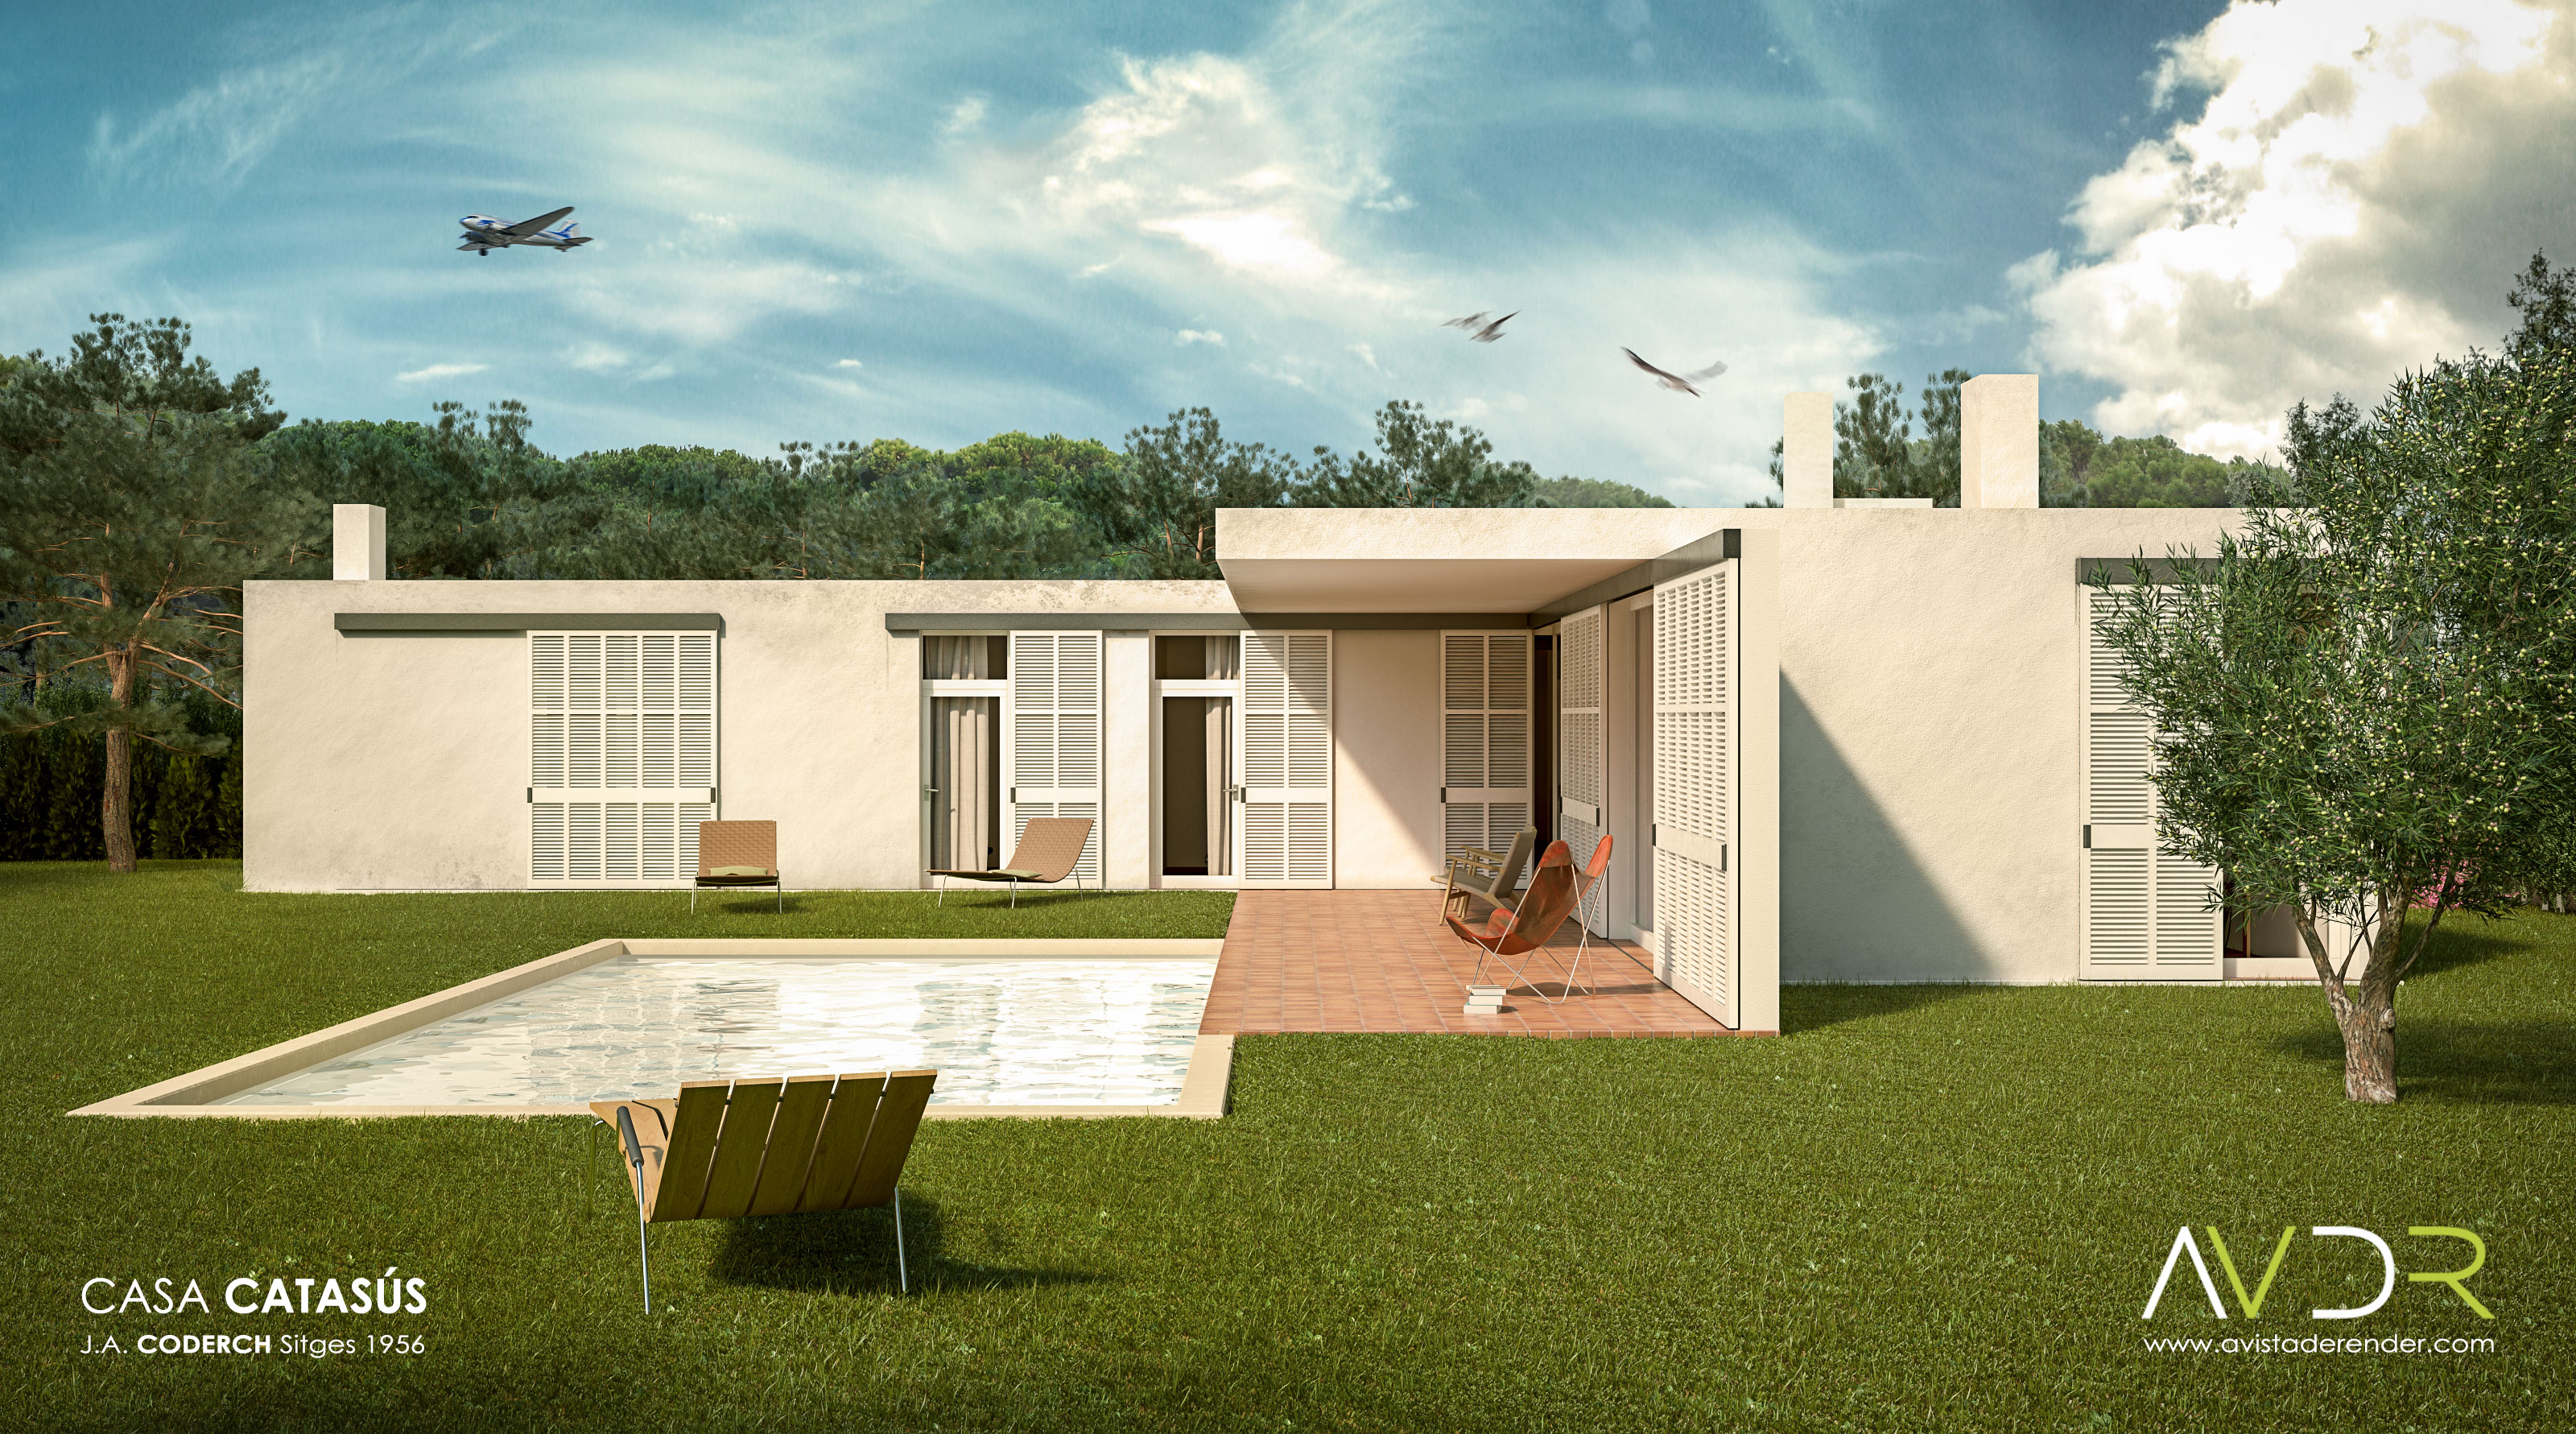 Casa catasus vista lateral by avistaderender on deviantart - Arquitecto sitges ...